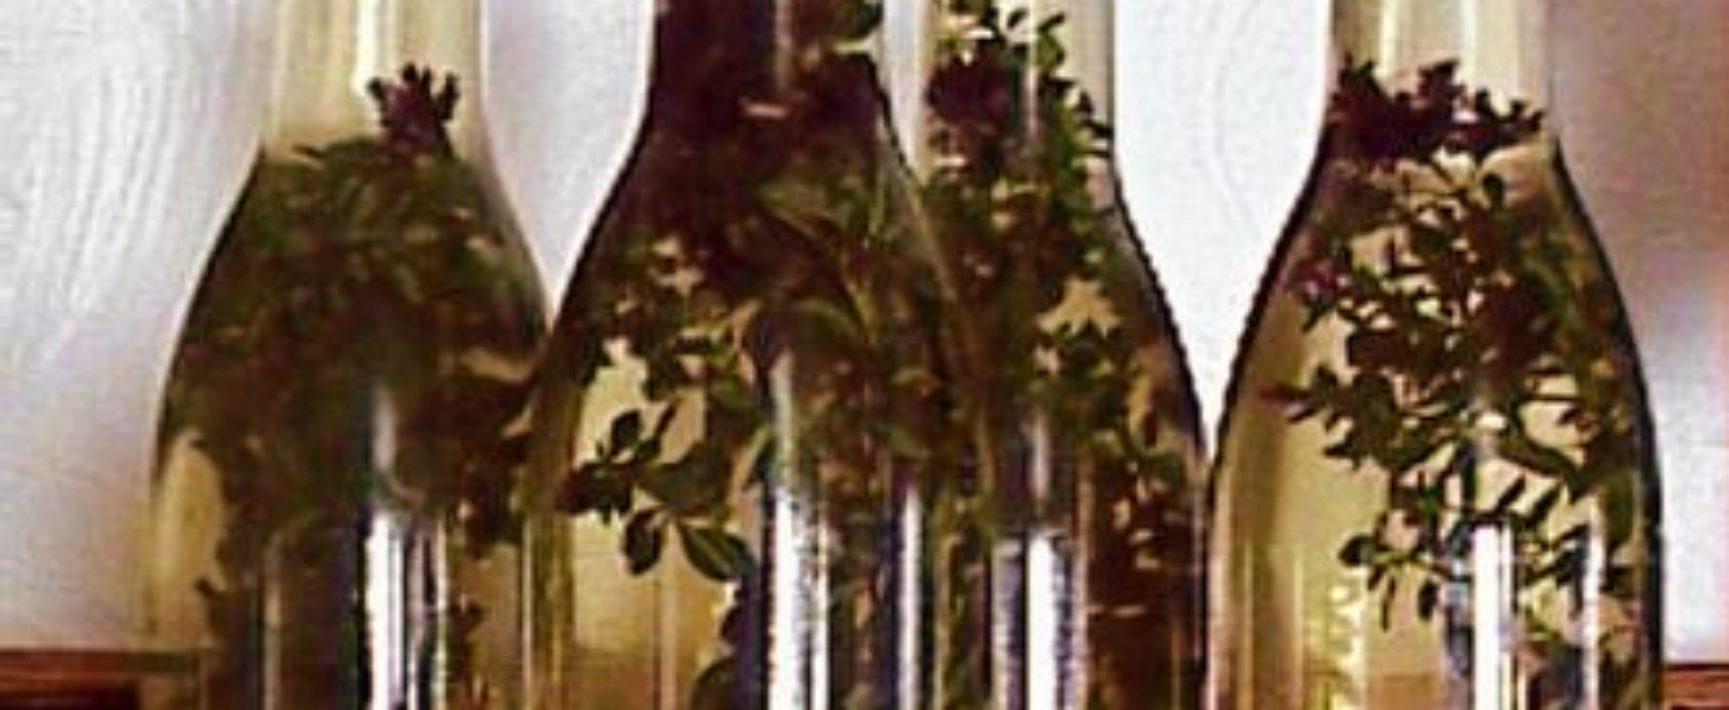 חומץ מבוקבק עם תוספת אורגנו